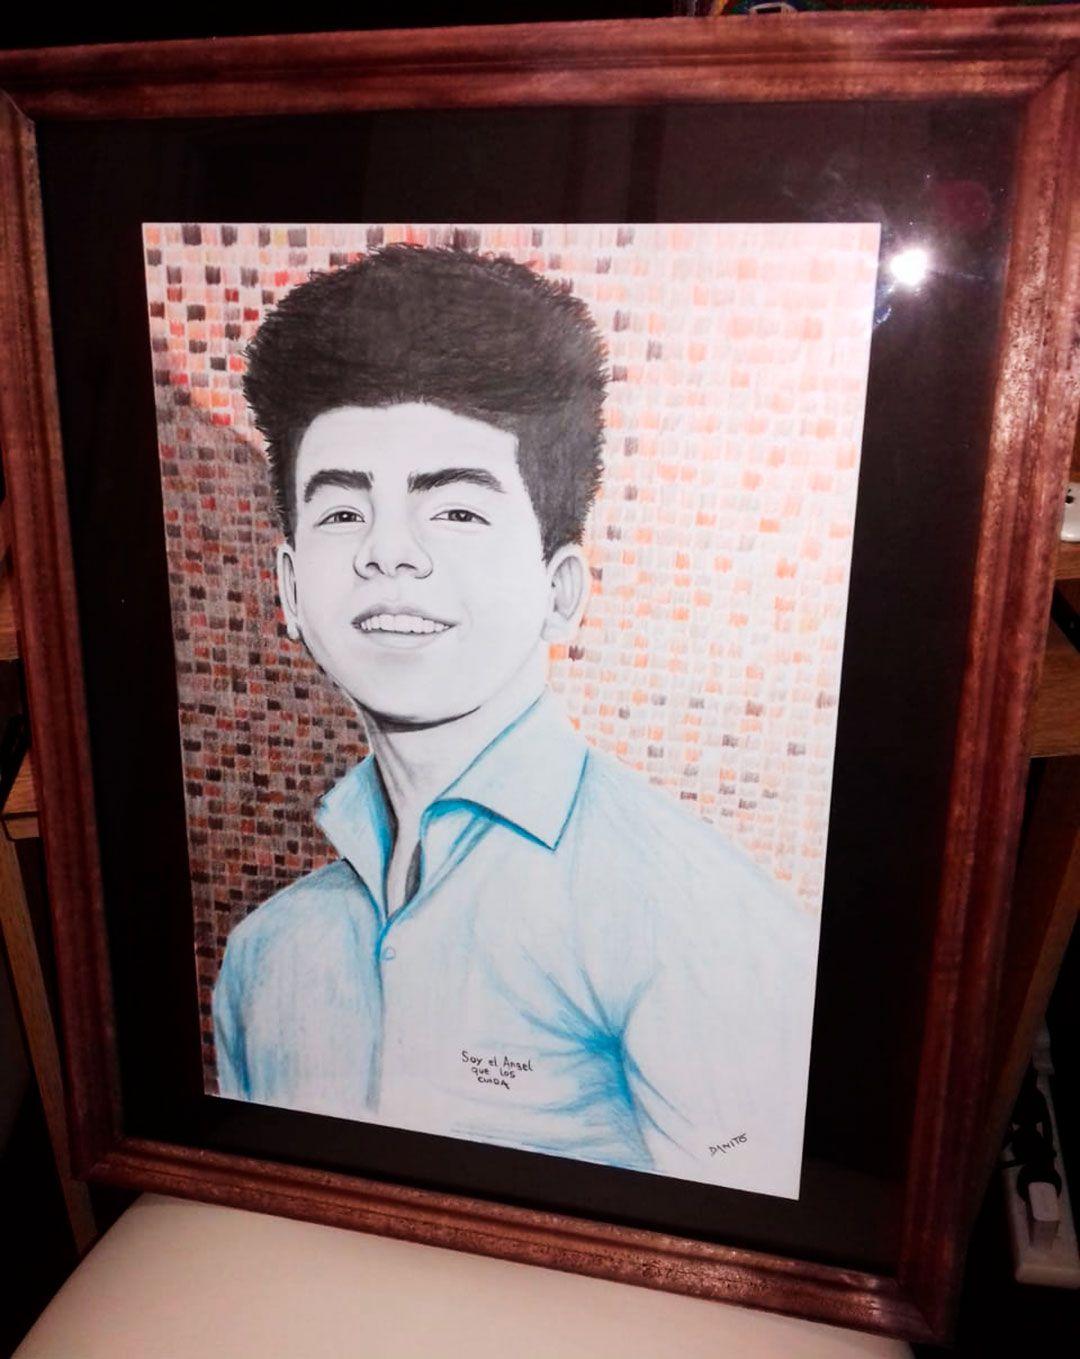 Este cuadro con el rostro de Fernando, pintado a mano con lápices de colores, es uno de los tantos regalos y muestras de afecto que los Báez Sosa recibieron en su domicilio. Graciela y Silvino eligieron este para que los acompañara en la entrevista con Infobae.